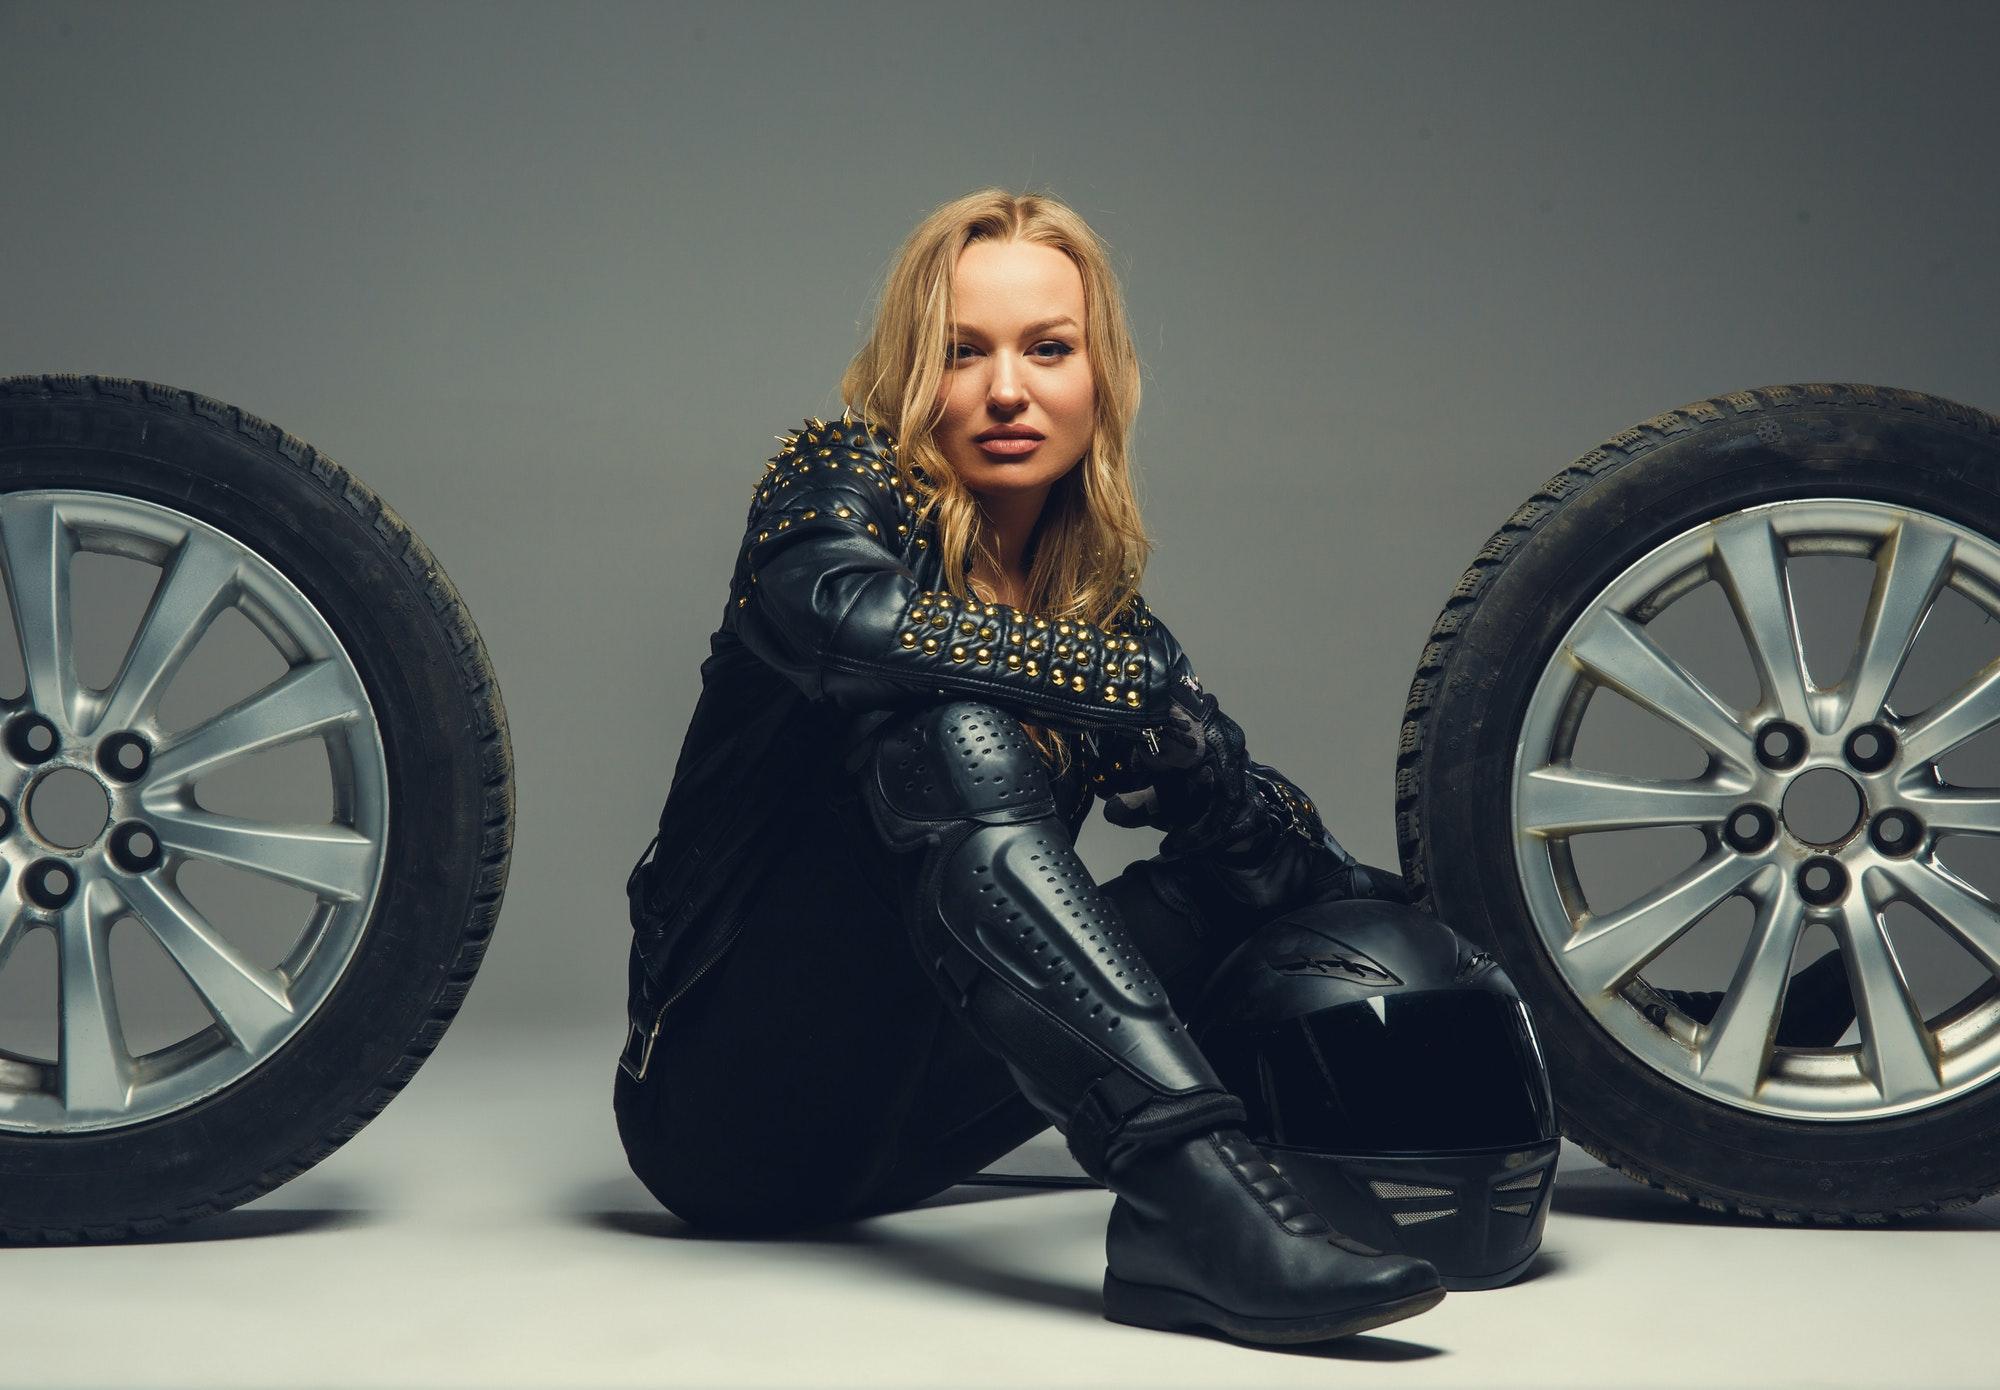 Female with motorcycle helmet sitting between two car wheels.